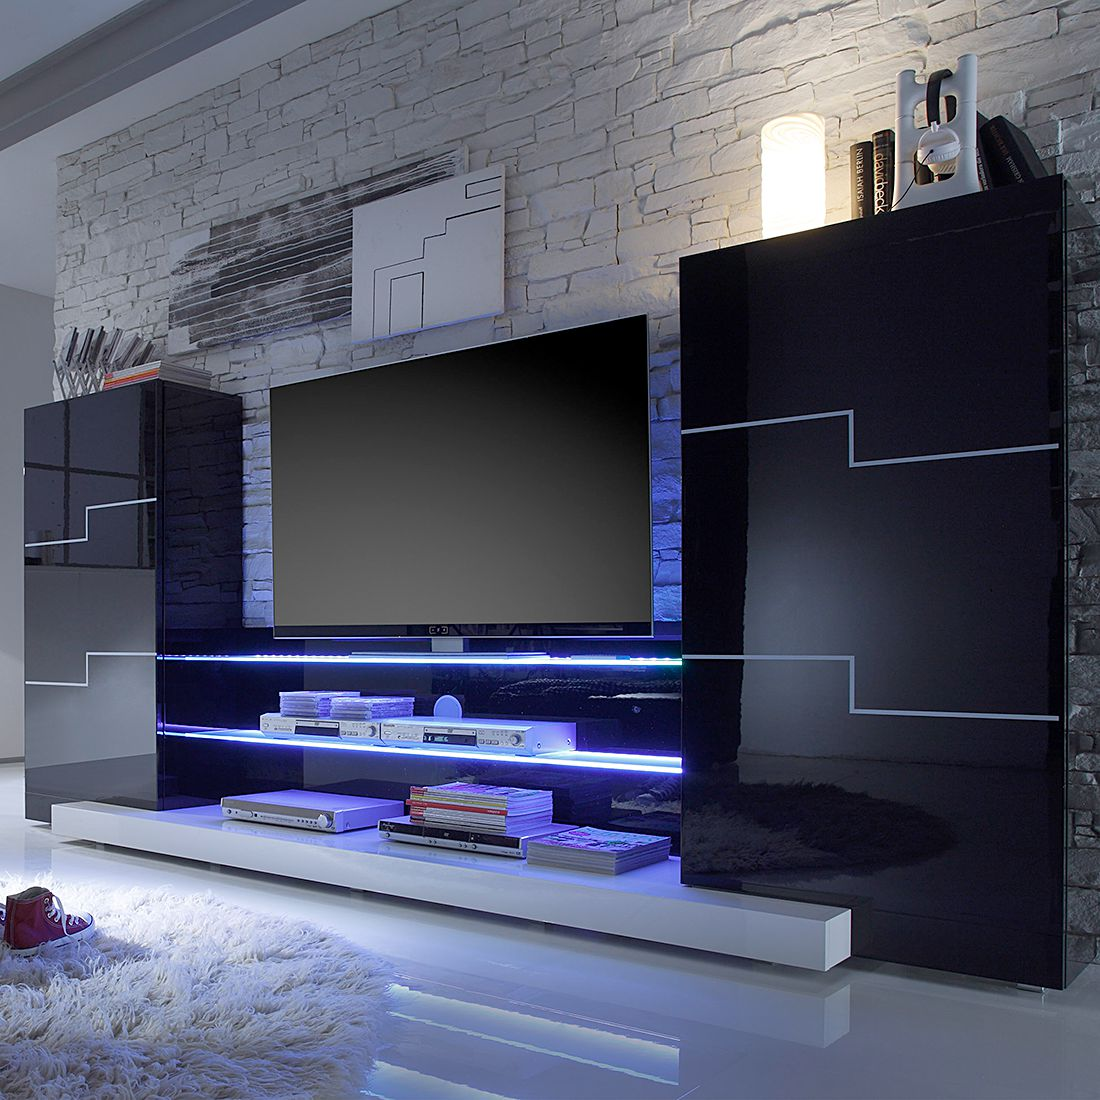 heimkino im wohnzimmer diese m bel steigern das kinoerlebnis wohnlandschaften wohnideen. Black Bedroom Furniture Sets. Home Design Ideas